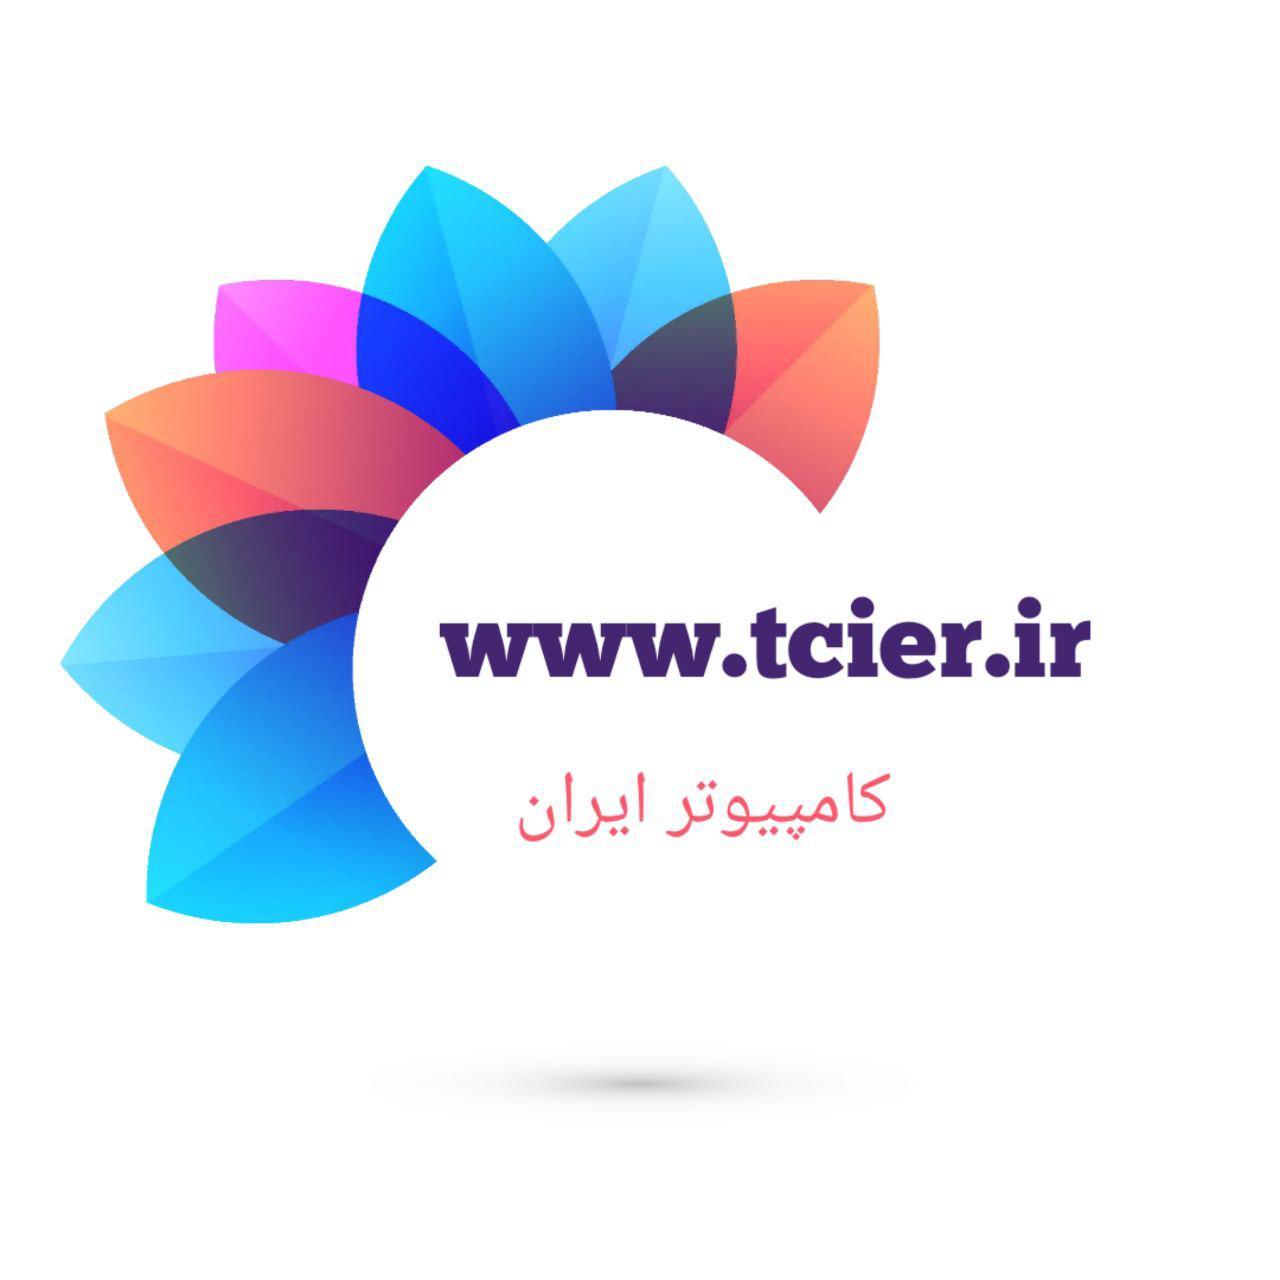 کامپیوتر ایران